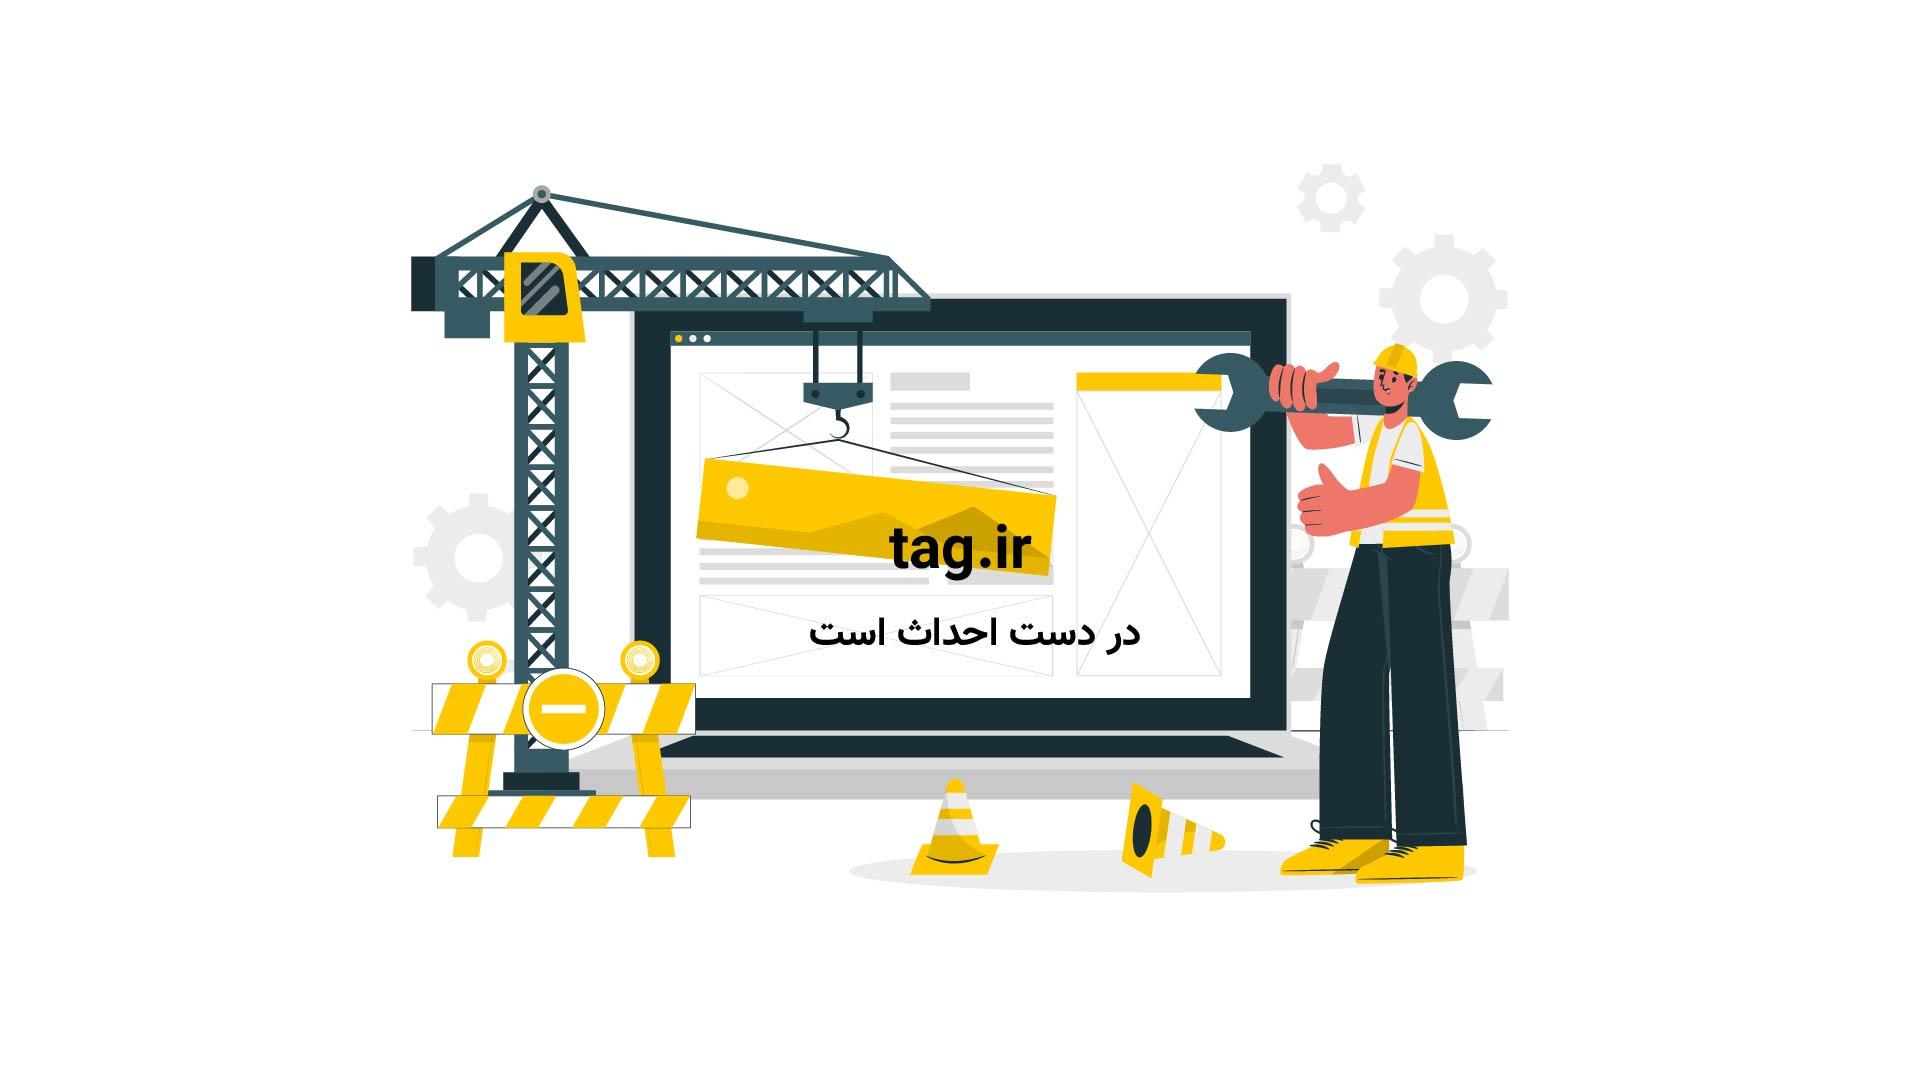 سخنرانی های تد ؛درون ذهن فردی که استاد از زیر کار در رفتن است |فیلم